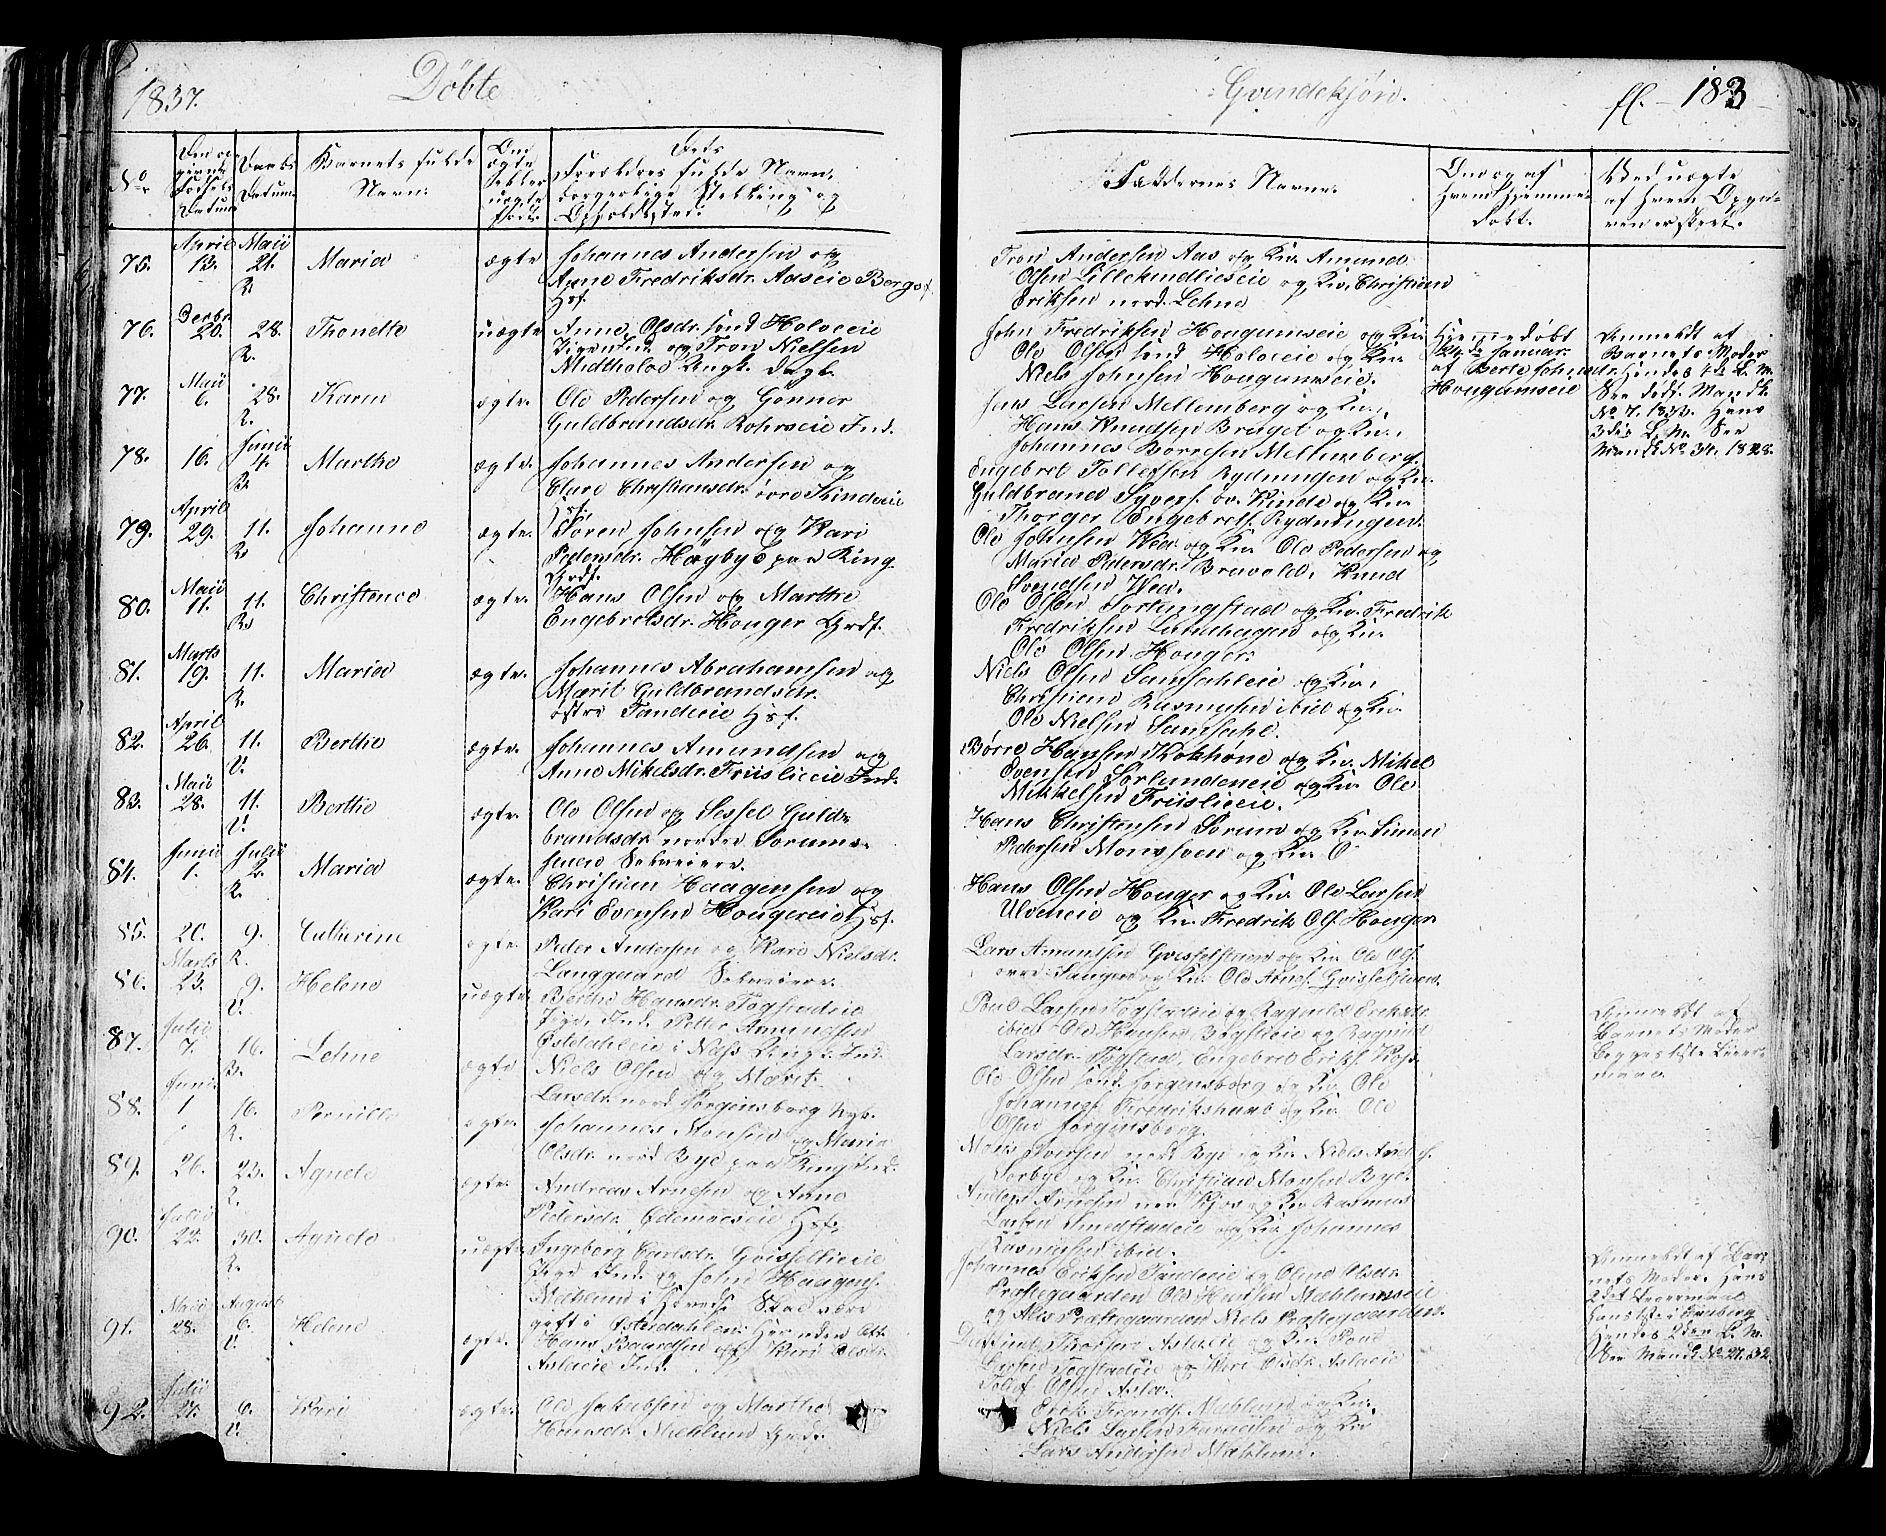 SAH, Ringsaker prestekontor, K/Ka/L0007: Ministerialbok nr. 7A, 1826-1837, s. 183